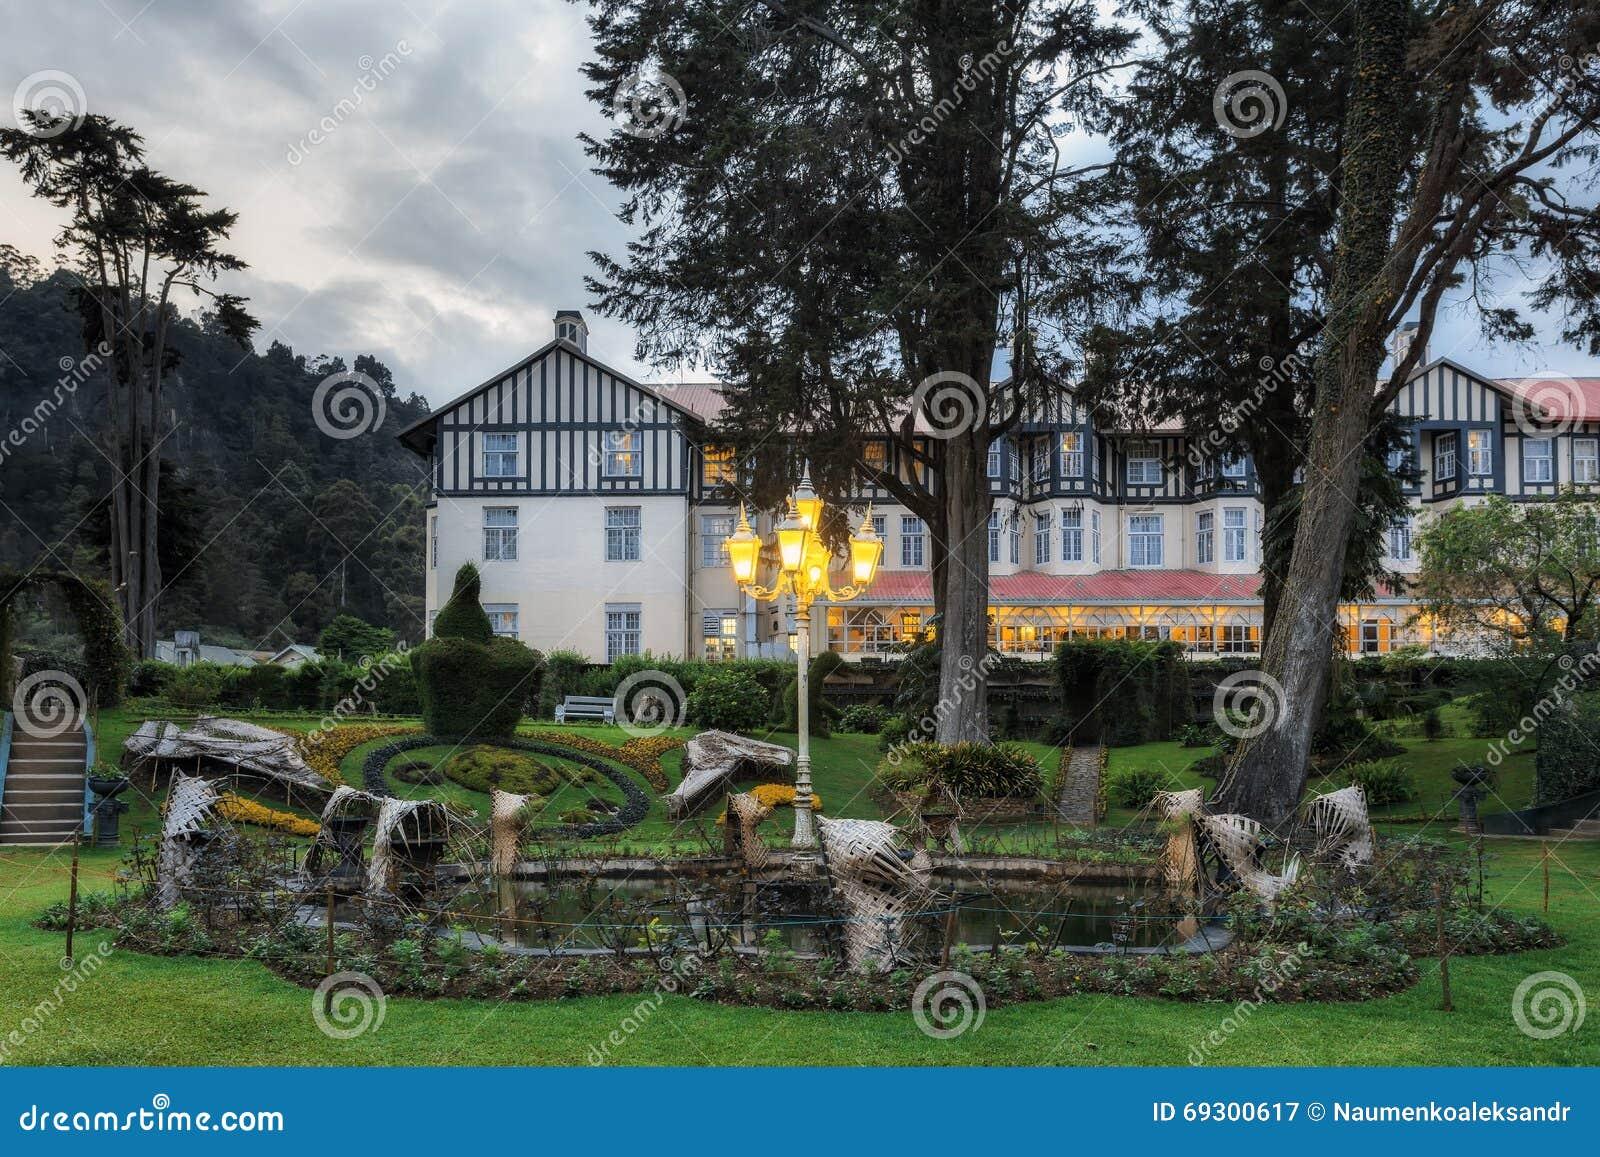 The grand hotel nuwara eliya sri lanka royalty free stock - Grand hotel sri lanka ...